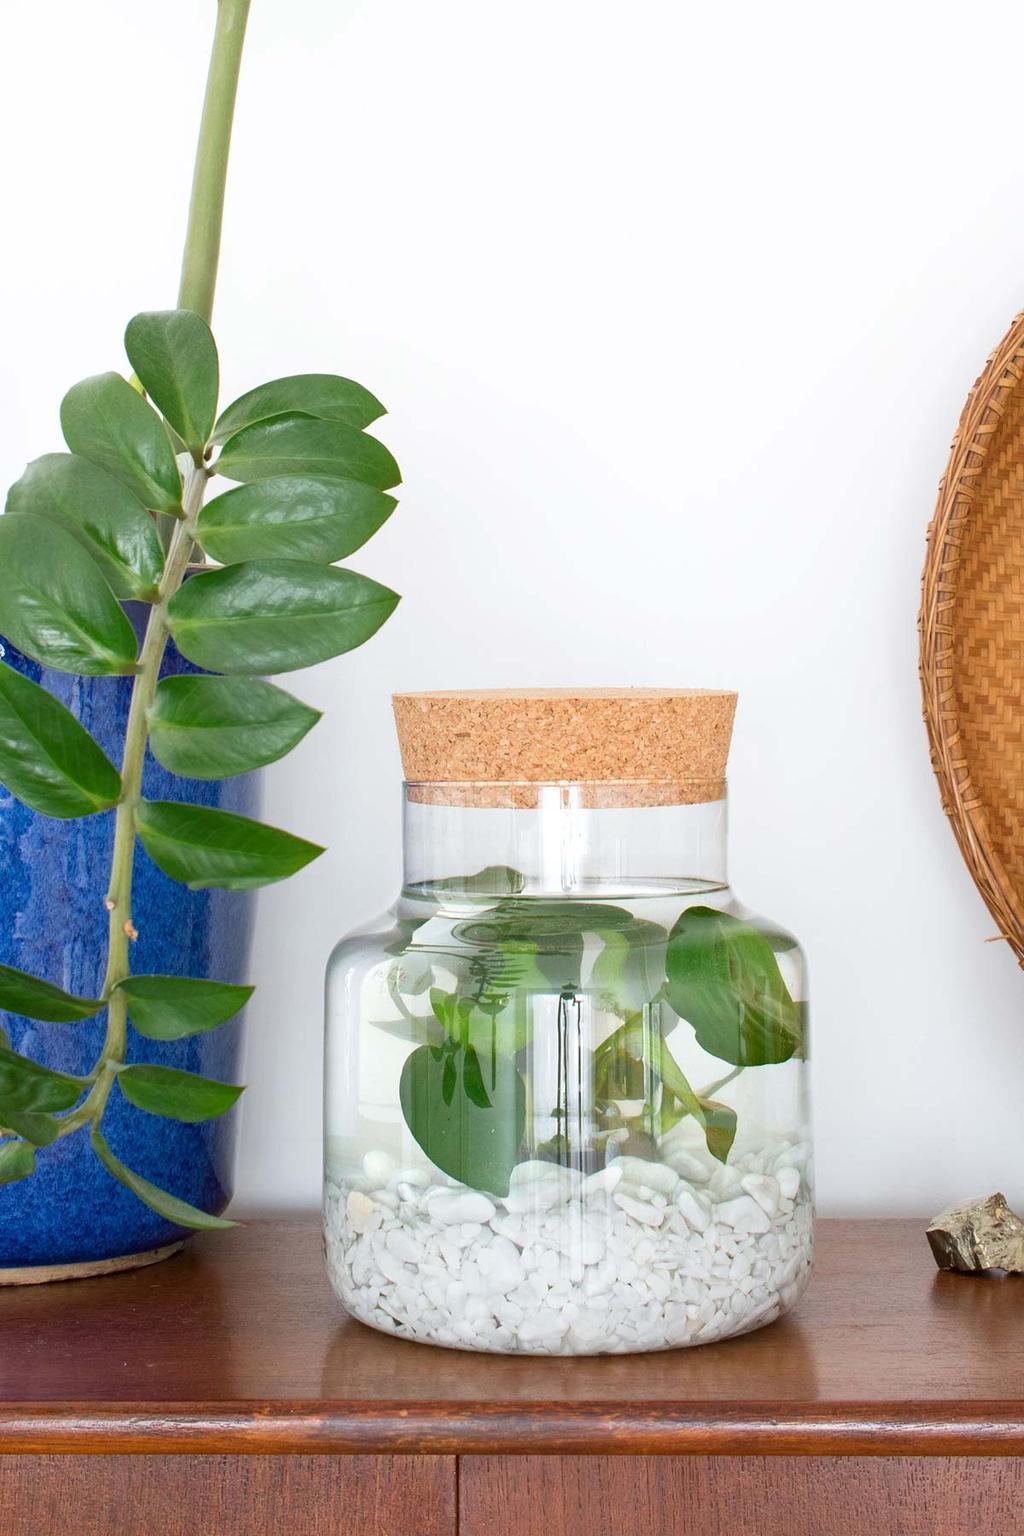 Onderwatertuin: waterplant in een weckpot